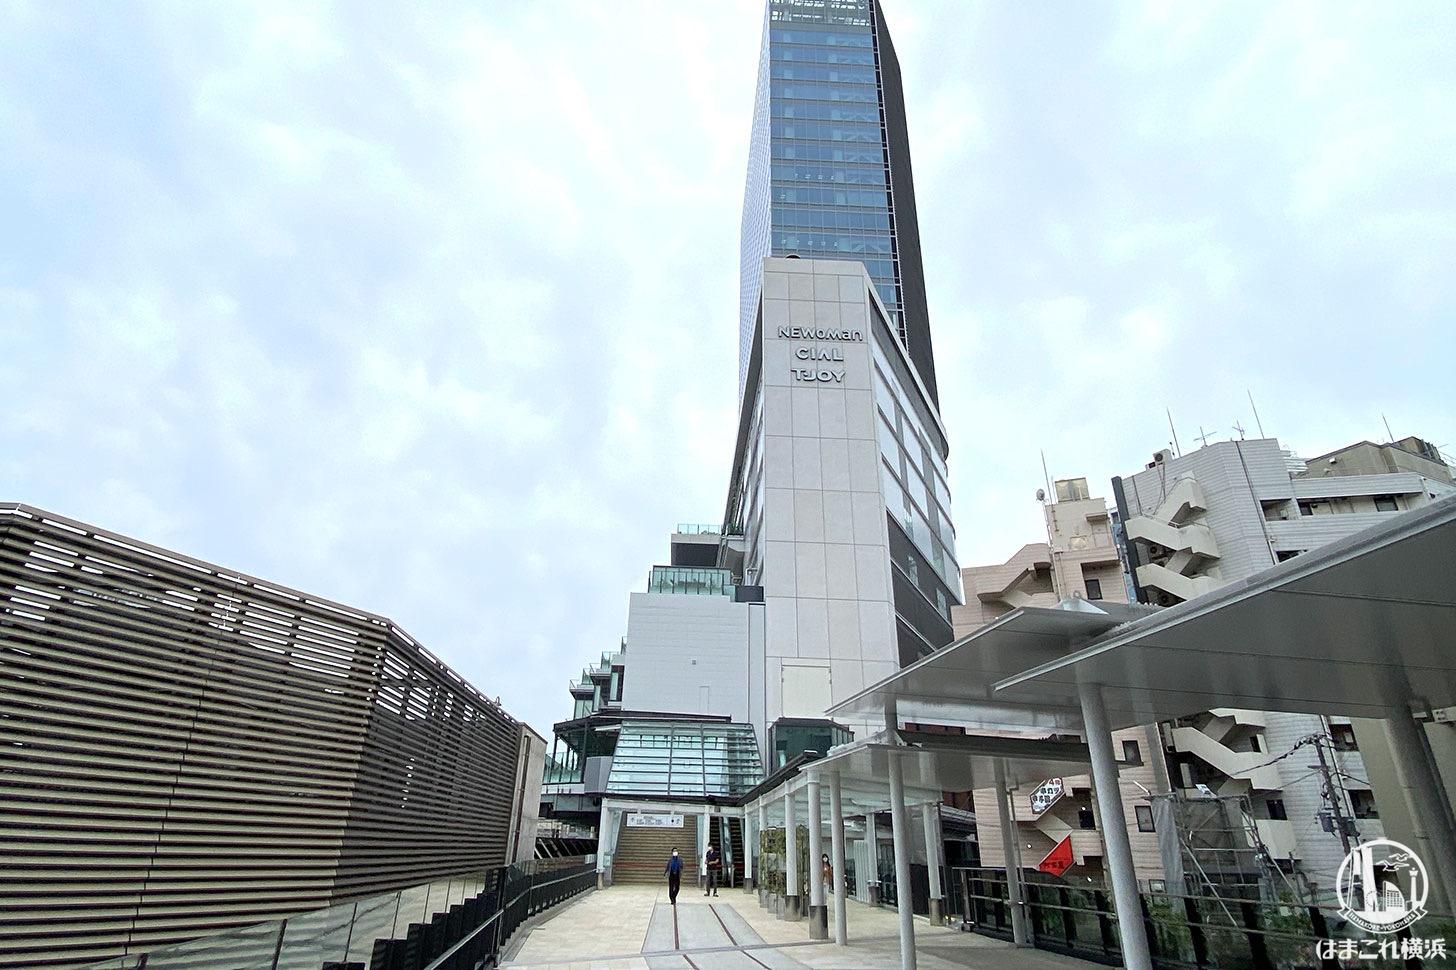 横浜駅「はまレールウォーク」も開通!JR横浜タワーとJR鶴屋町ビルを繋ぐ歩行者デッキ